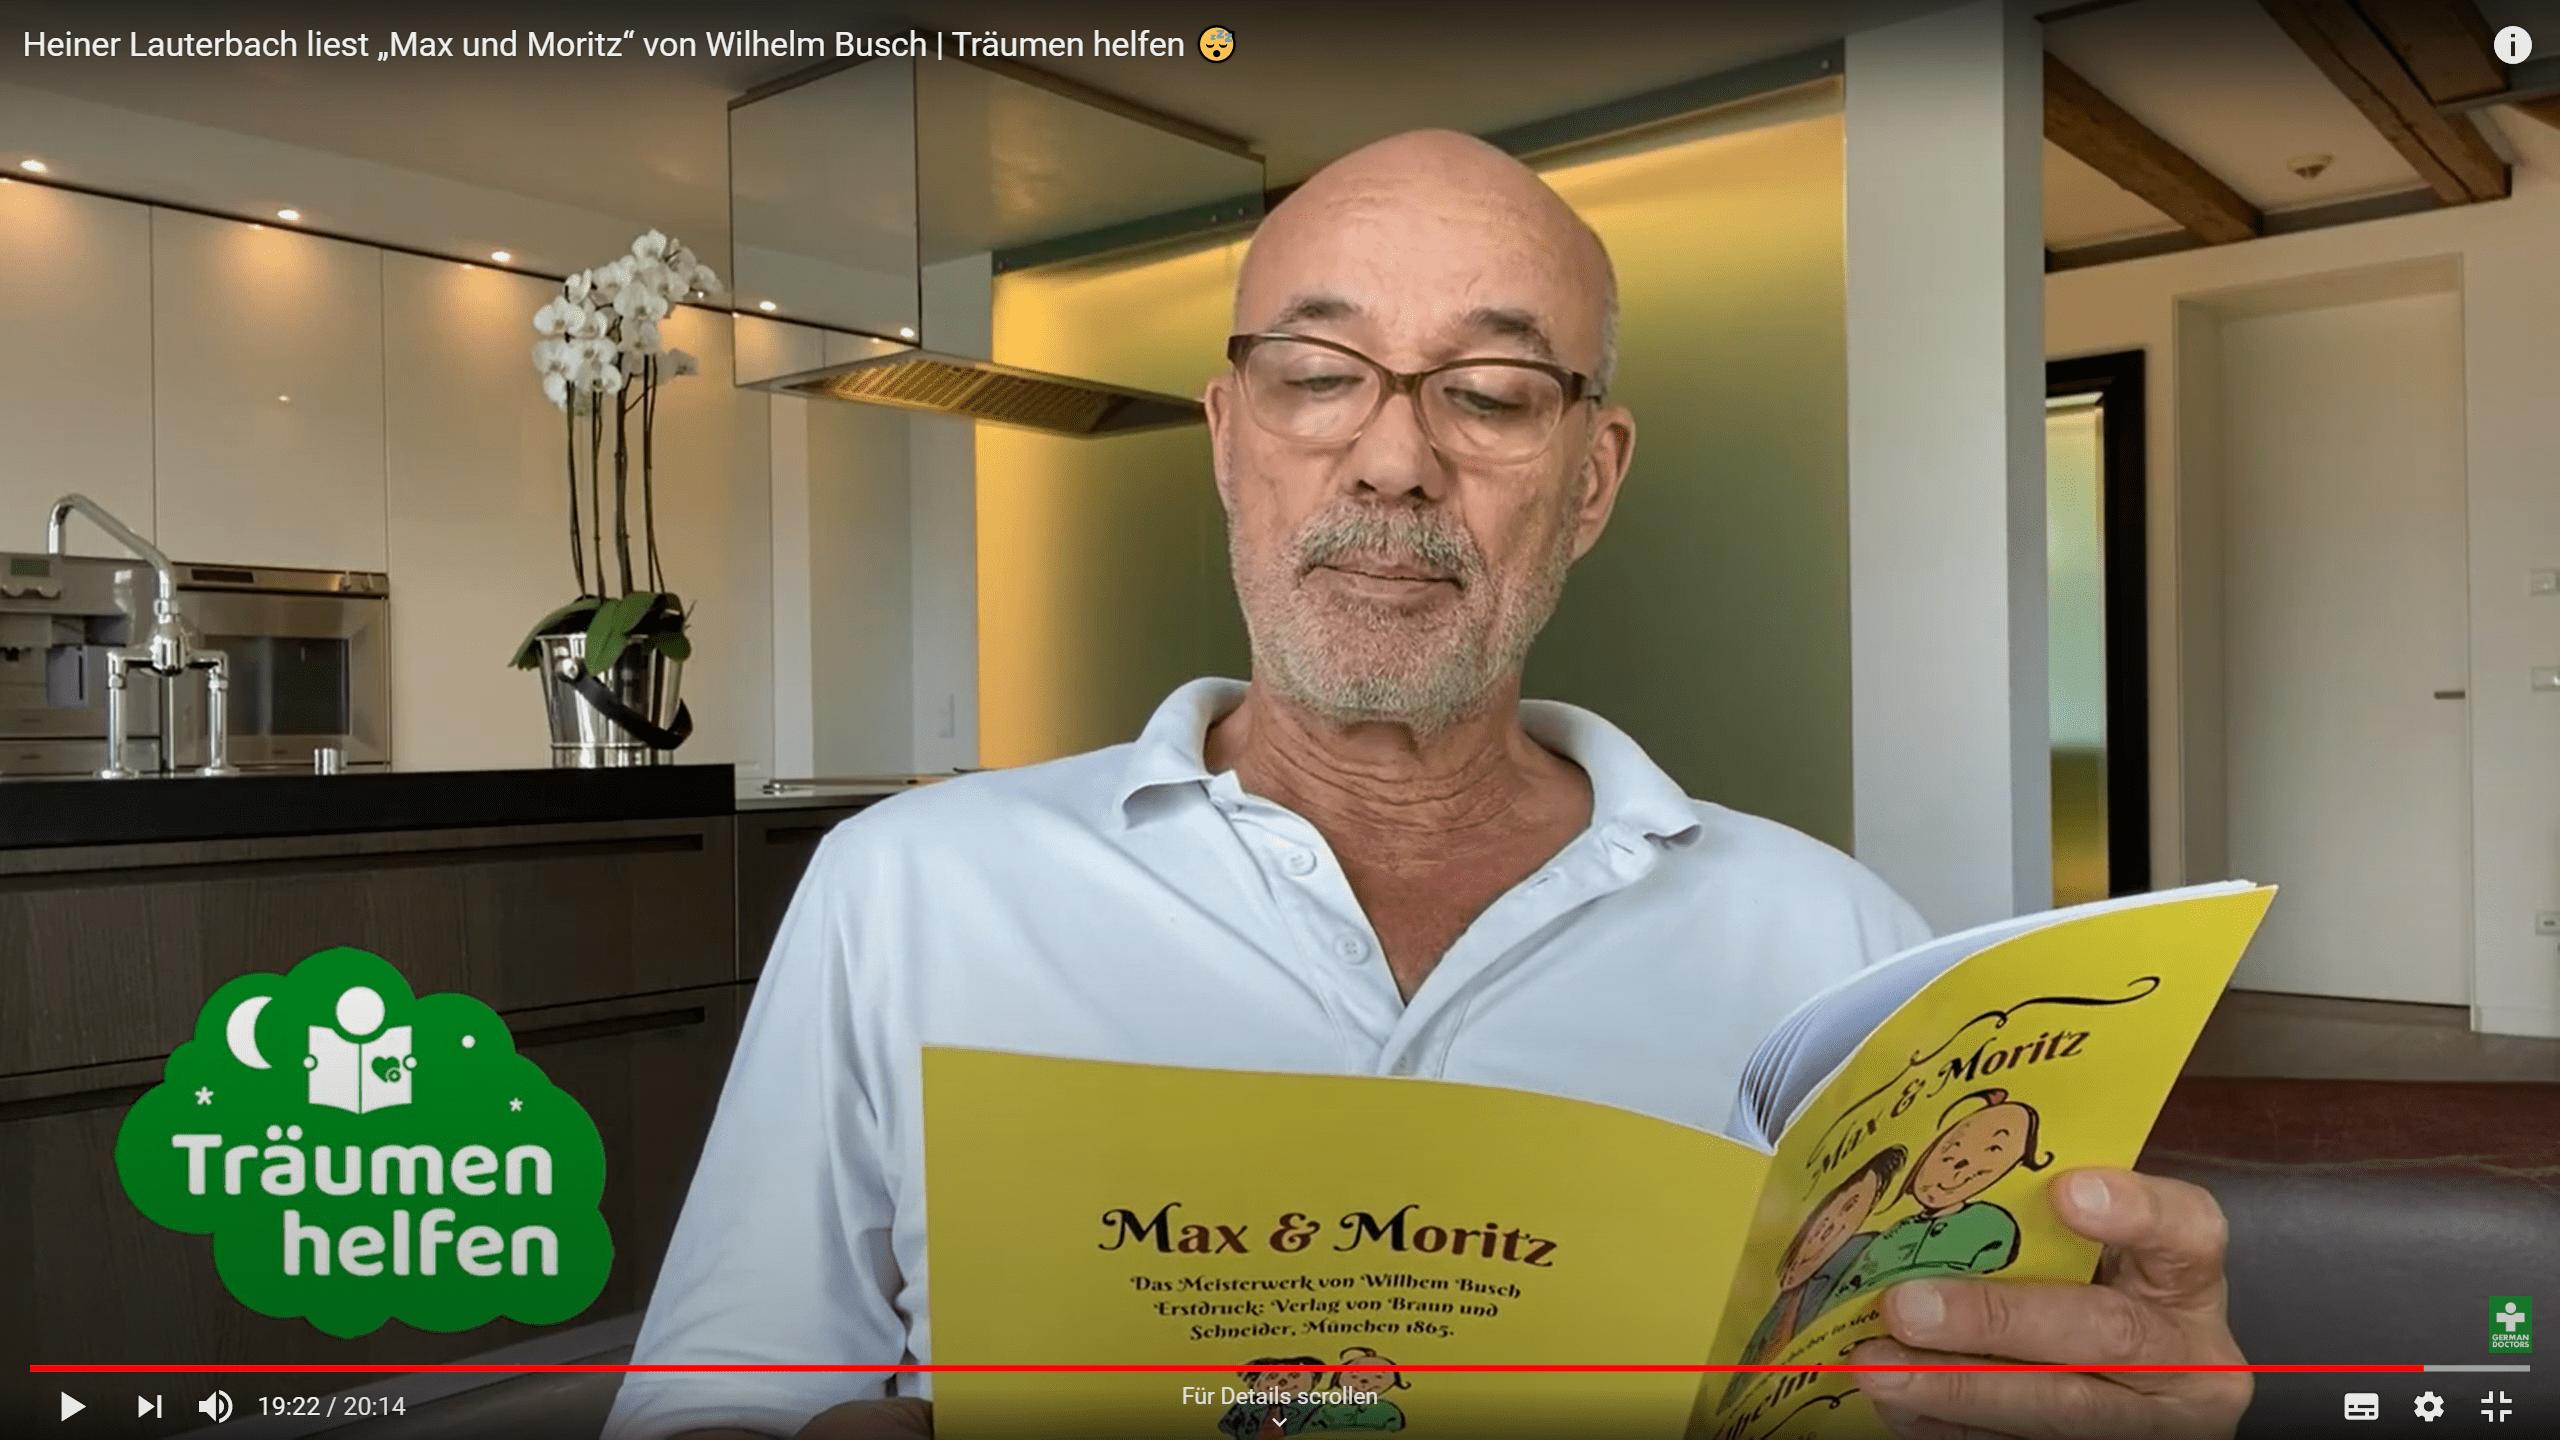 Heiner Lauterbach liest Max und Moritz LIWI Verlag Der Literatur und Wissenschaftsverlag